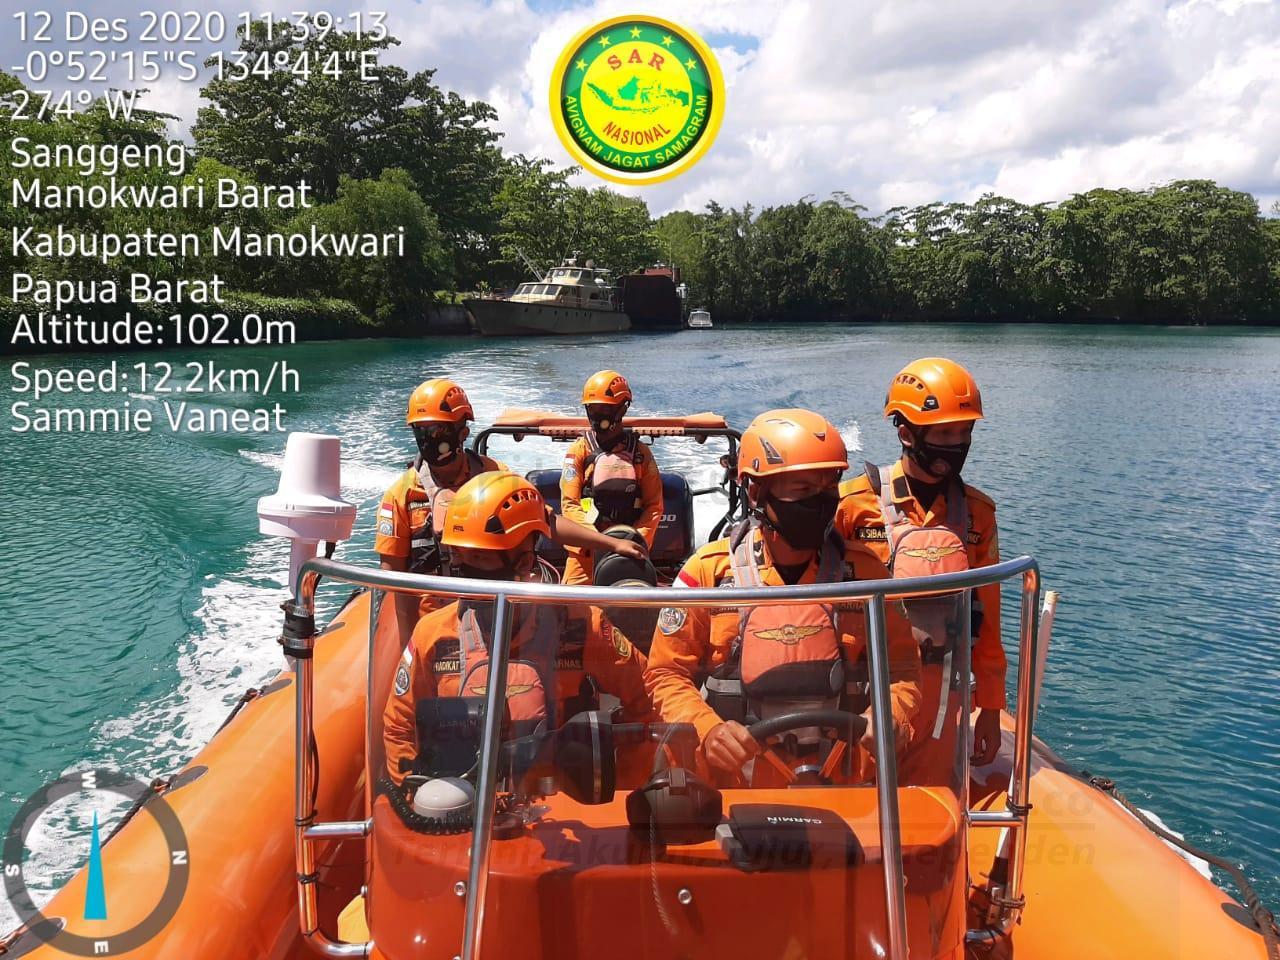 Basarnas Manokwari Cari Orang Hilang di Perairan Pulau Kaki 17 IMG 20201212 WA0012